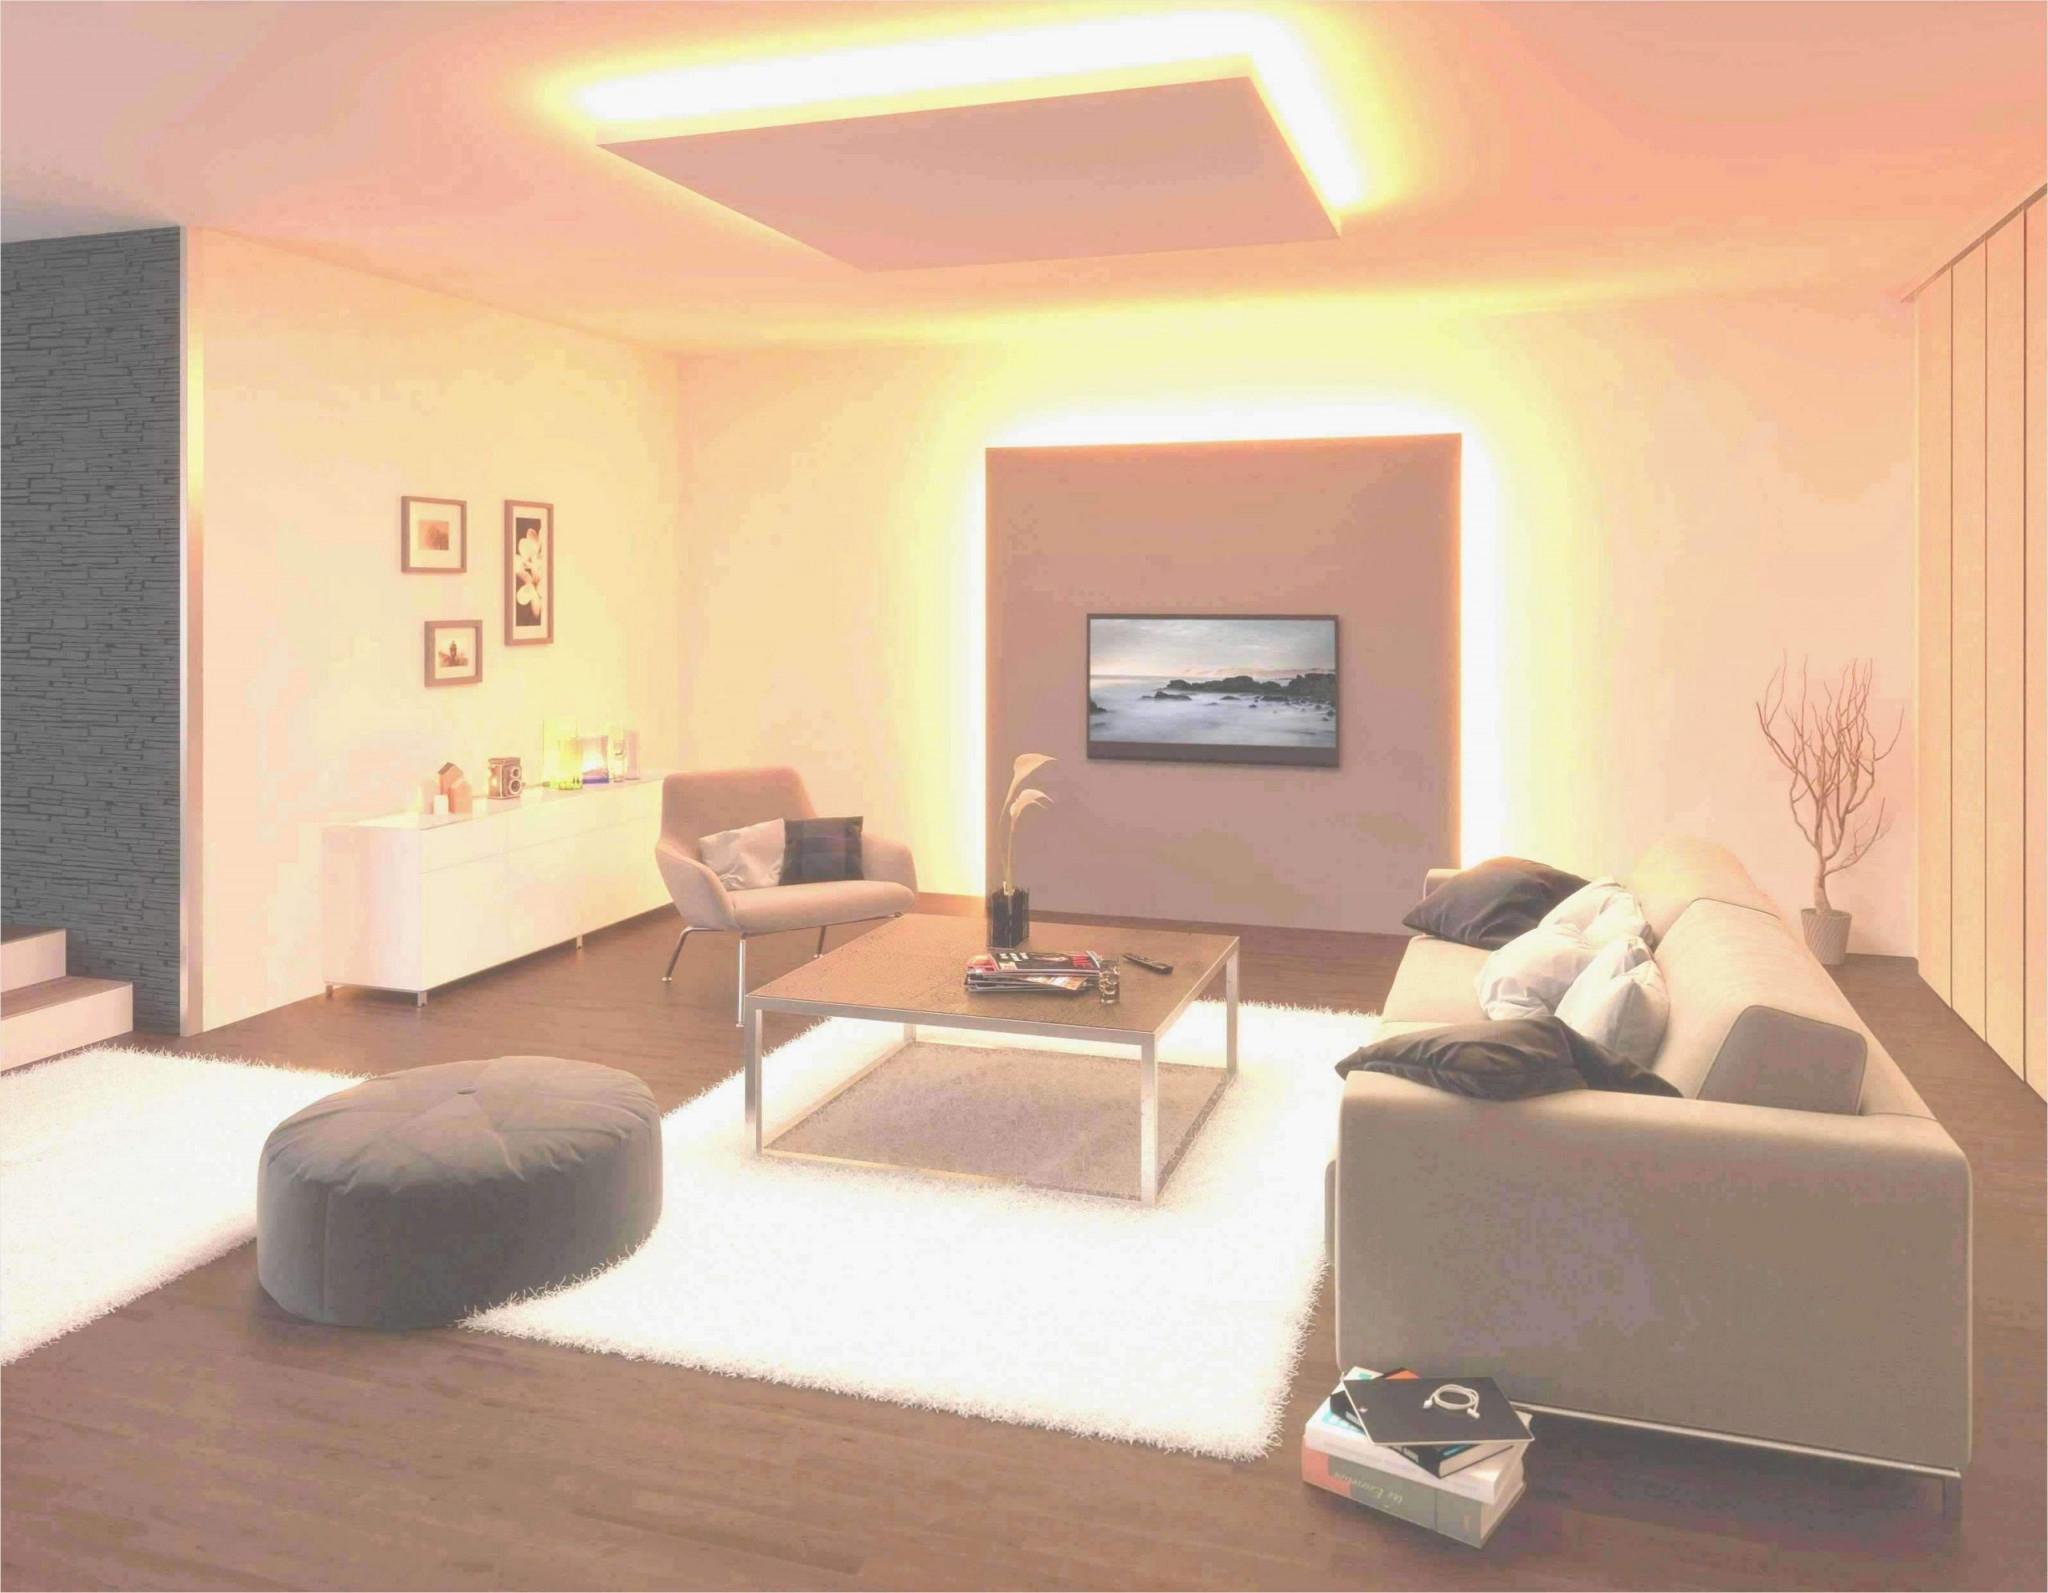 37 Elegant Deckenleuchte Led Wohnzimmer Elegant  Wohnzimmer von Deckenlampe Für Wohnzimmer Bild